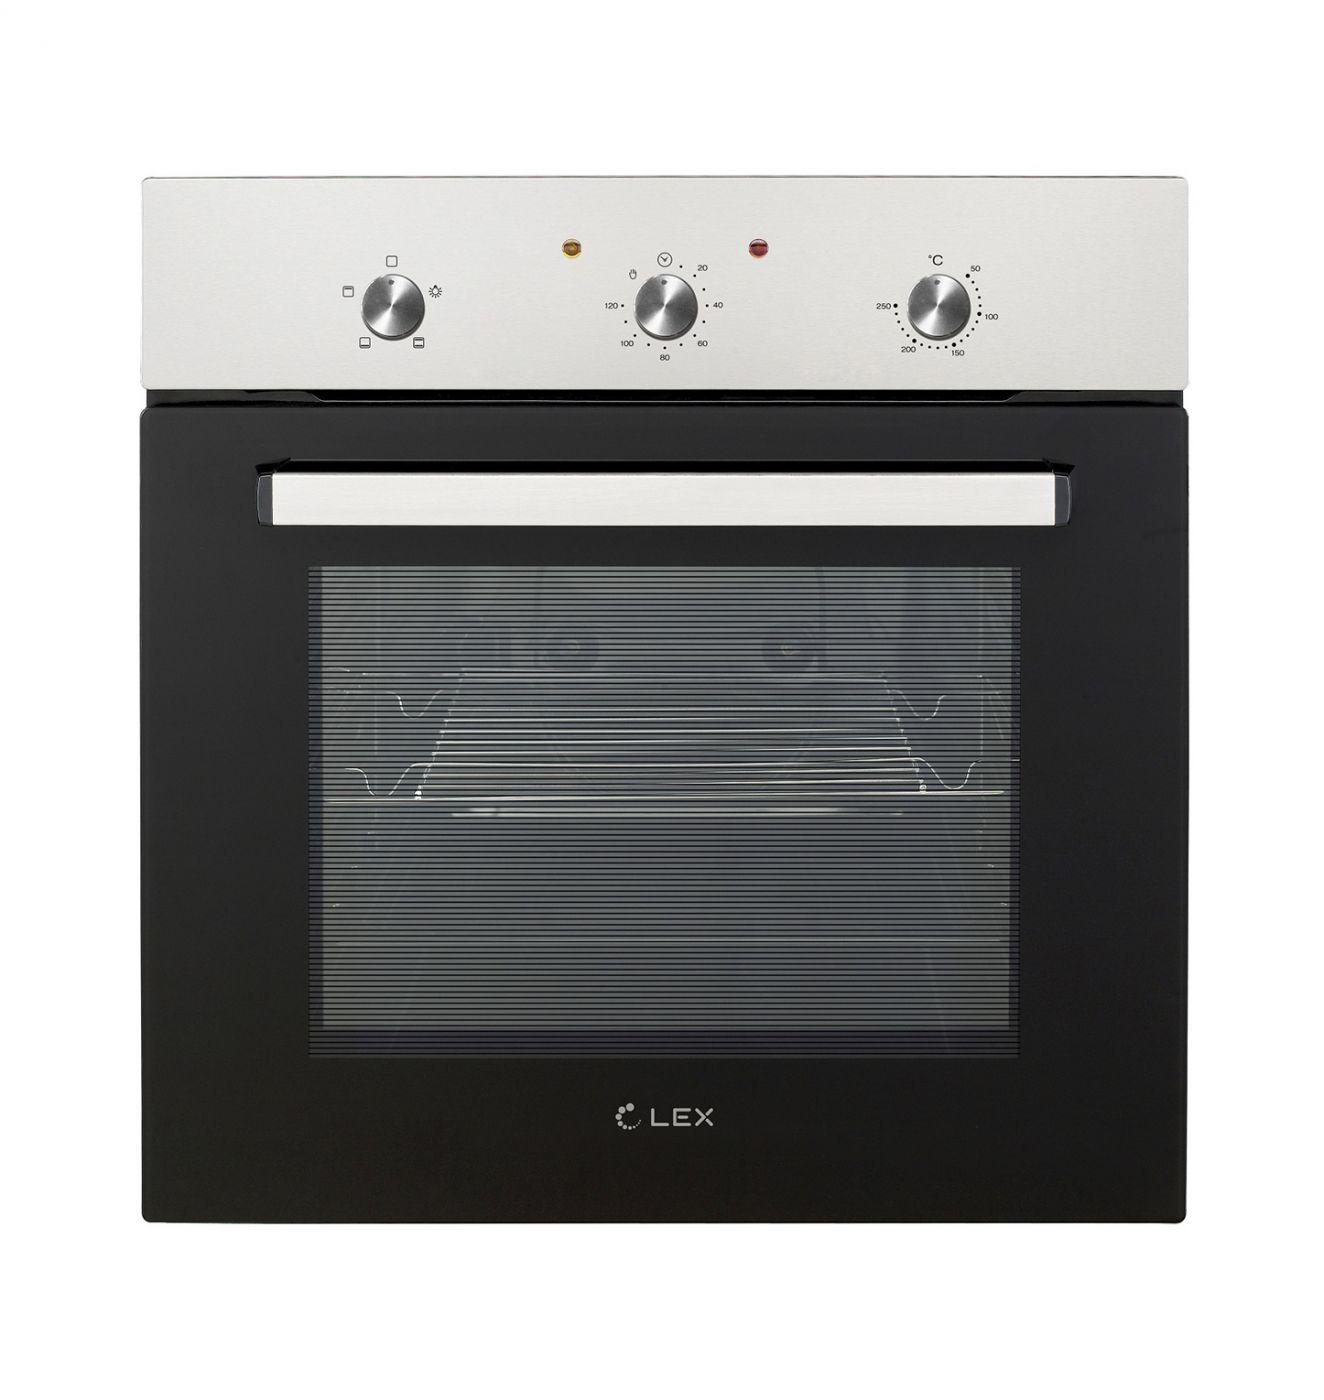 Электрический духовой шкаф LEX EDM 041 IX (CHAO000321)